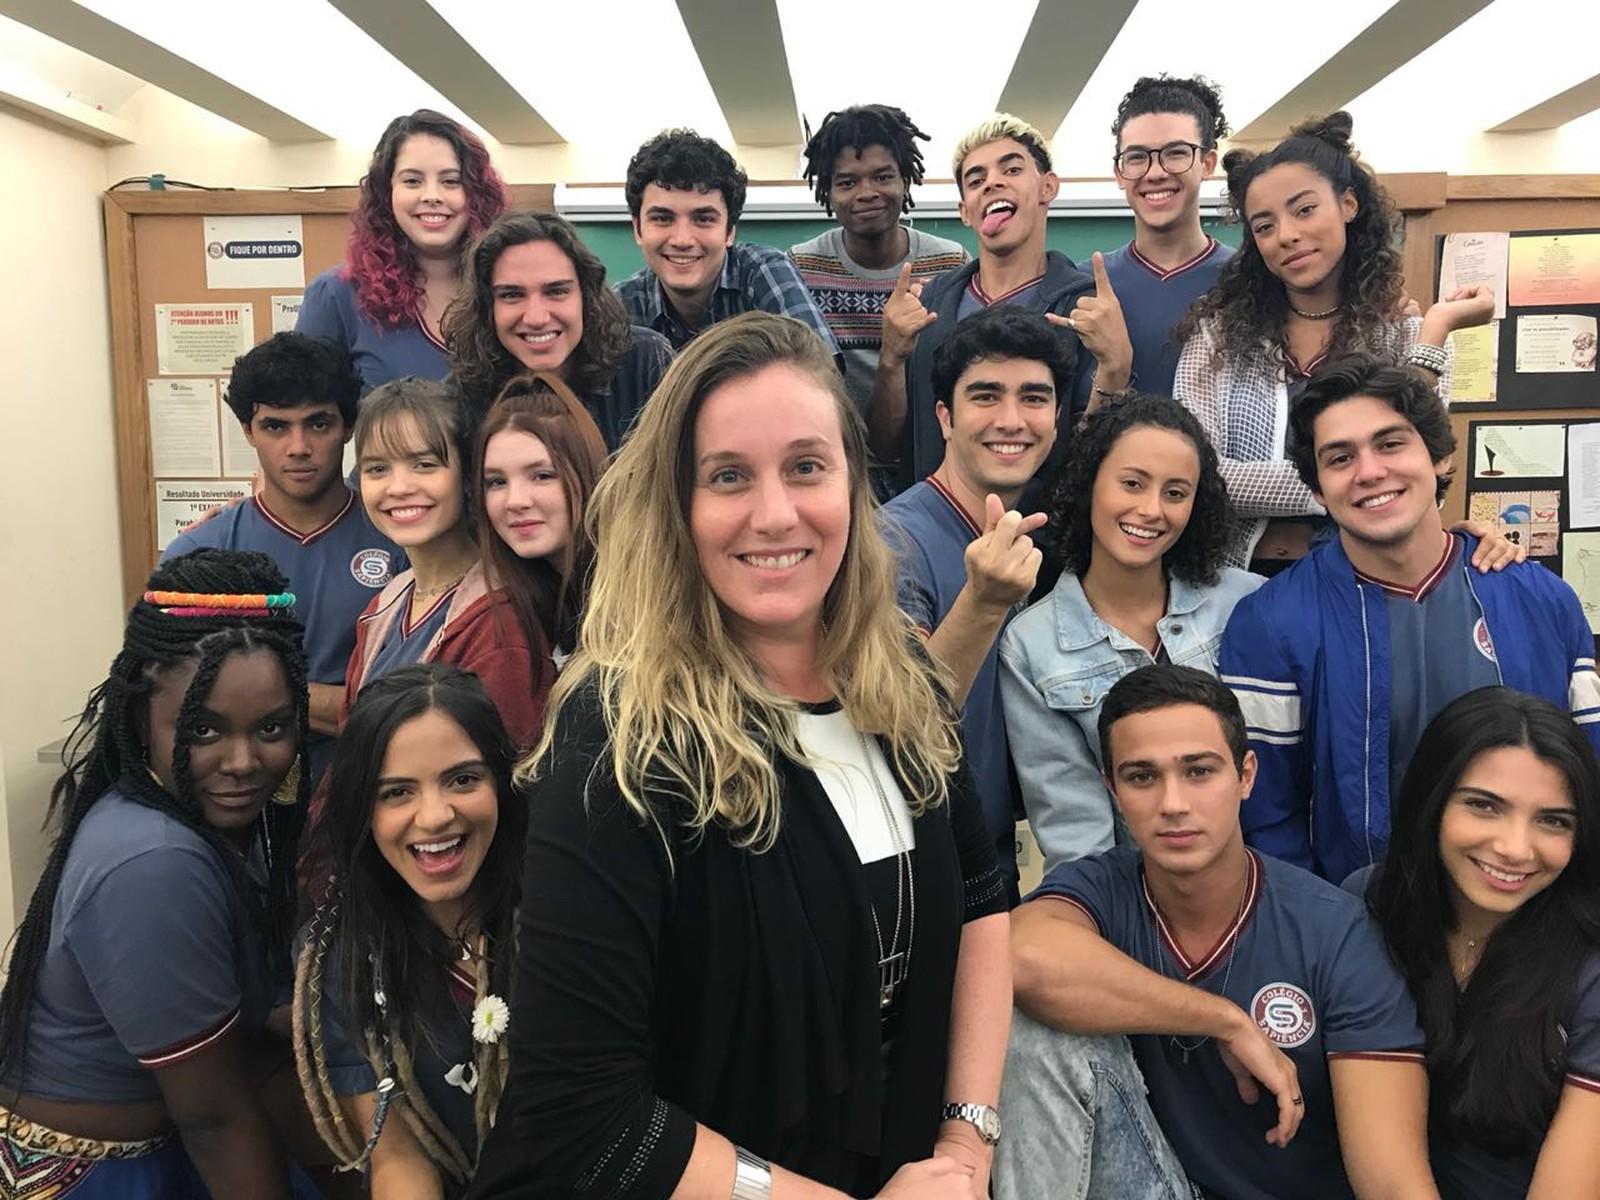 Natalia Grimberg, diretora de Malhação - Vidas Brasileiras, posa com o elenco da trama